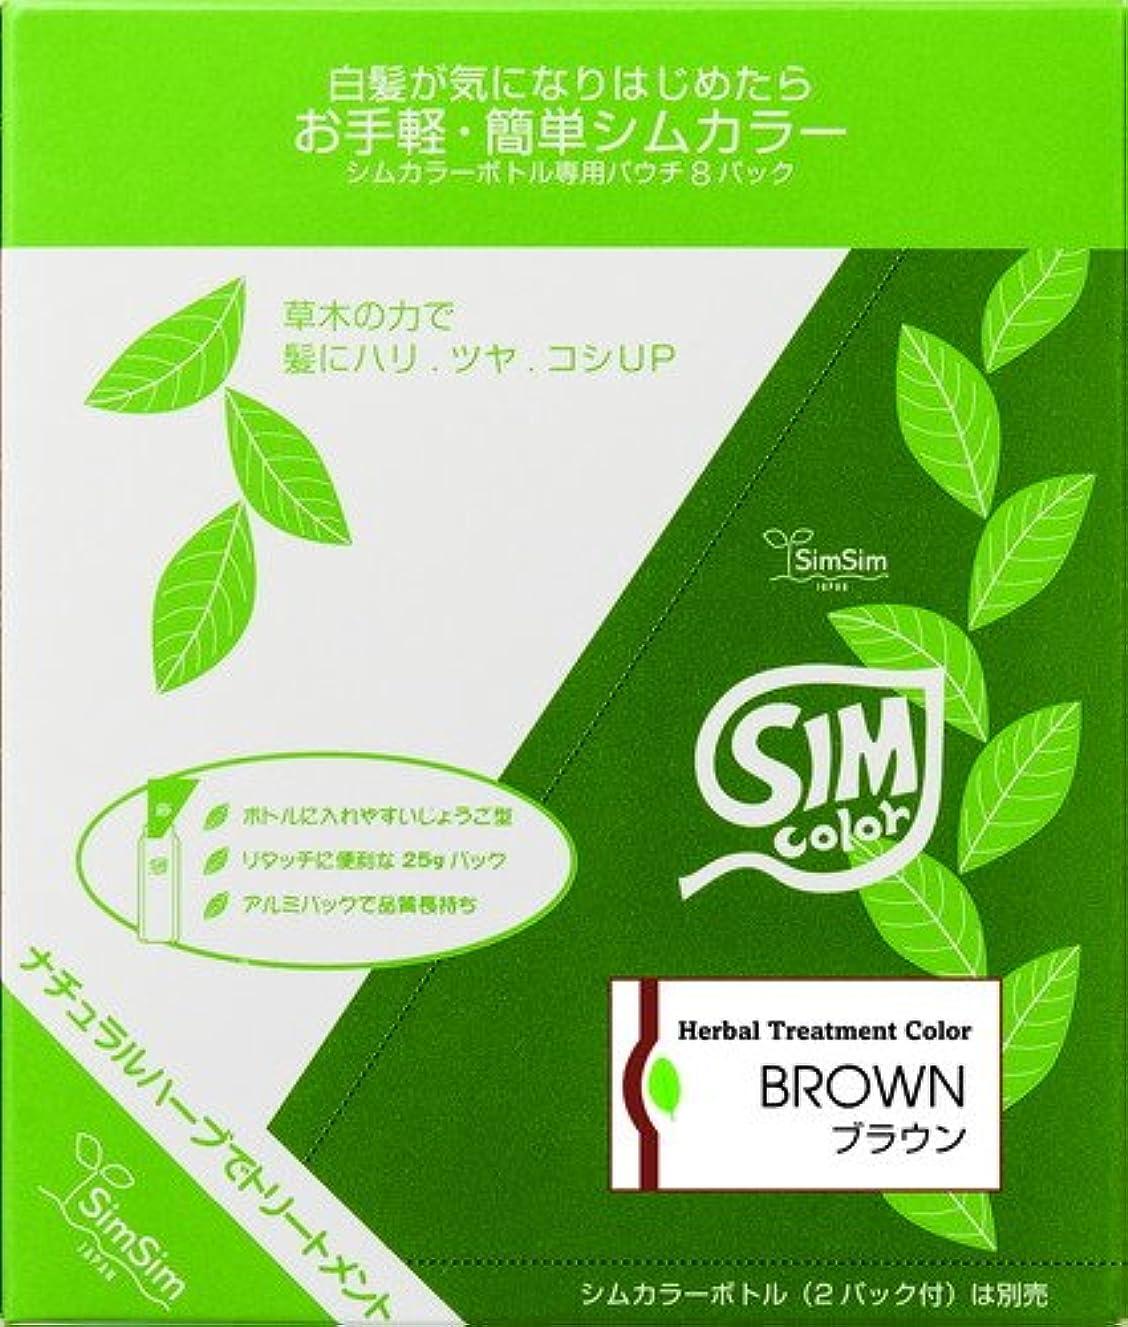 固有の謝罪する師匠SimSim(シムシム)お手軽簡単シムカラーエクストラ(EX)25g 8袋 ブラウン